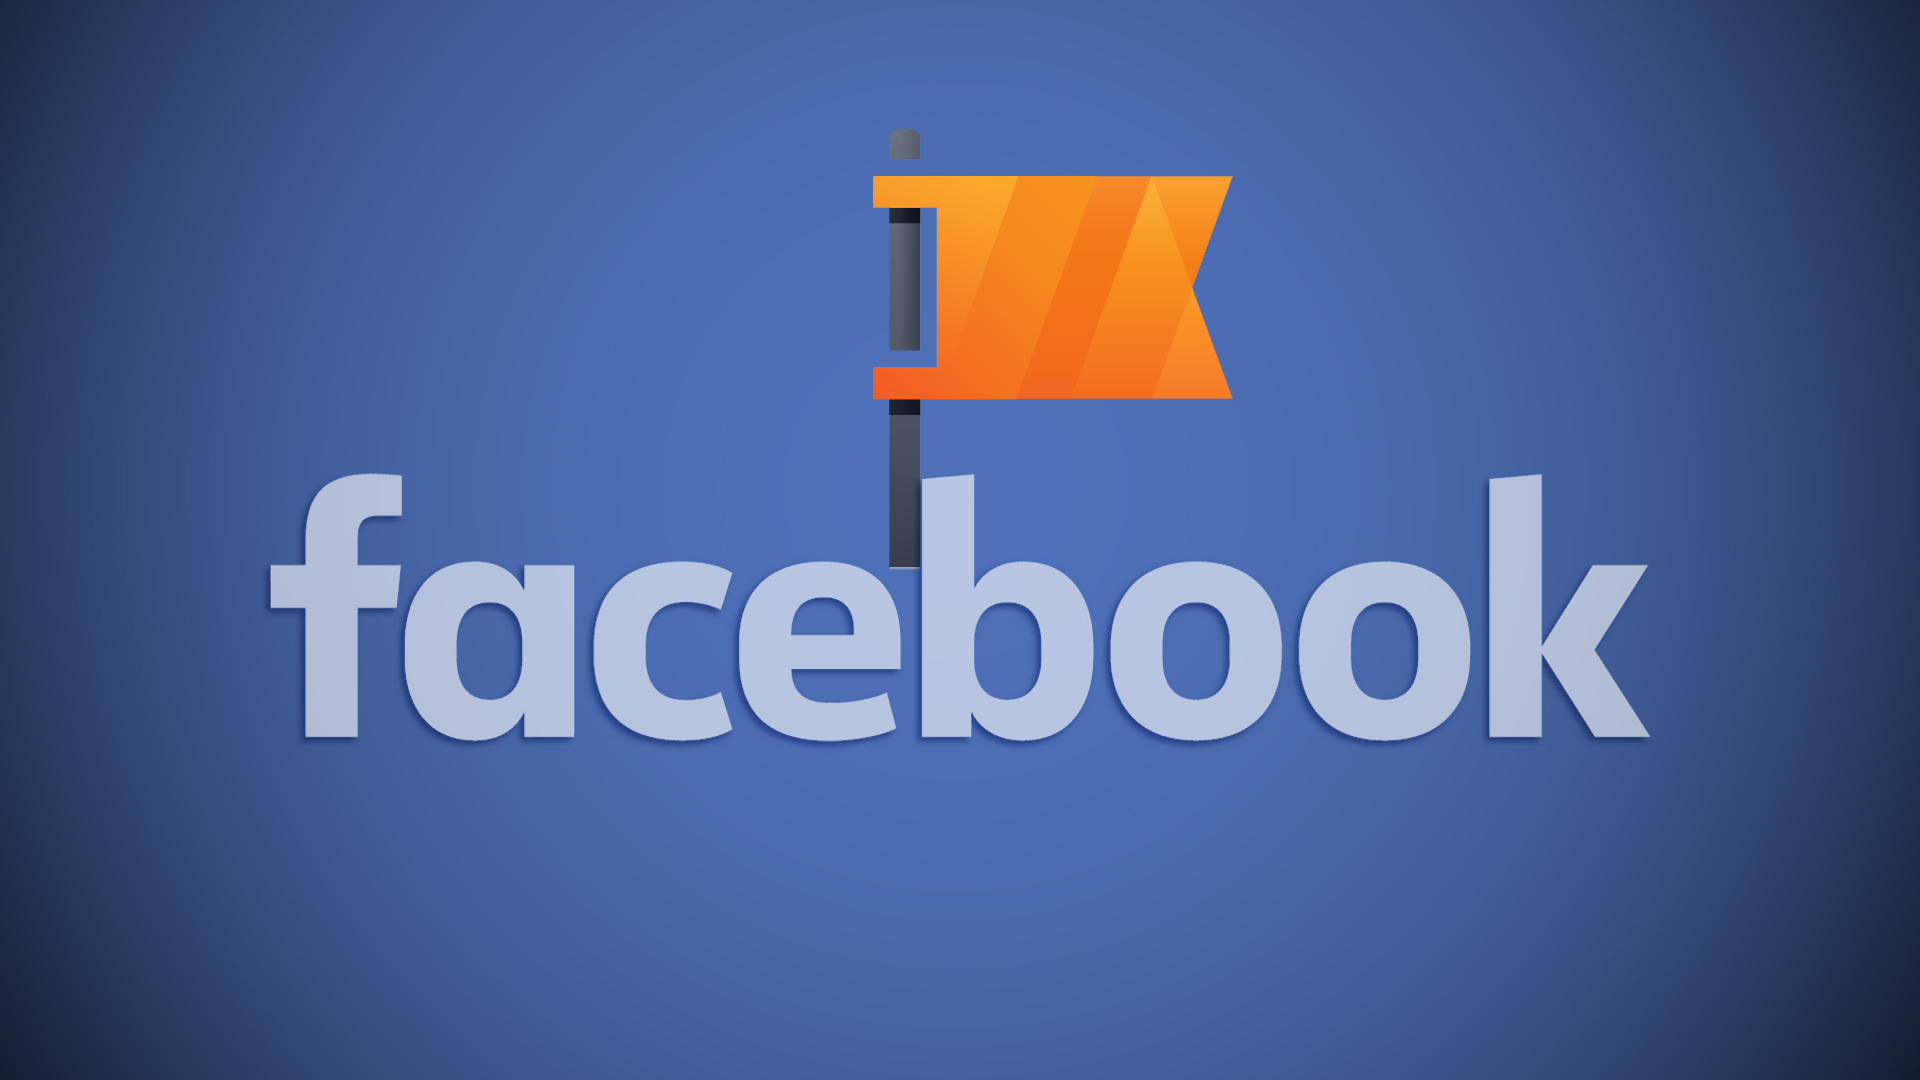 Социальная сеть Facebook стал самой упоминаемой в русских СМИ соцсетью в 2016-ом году